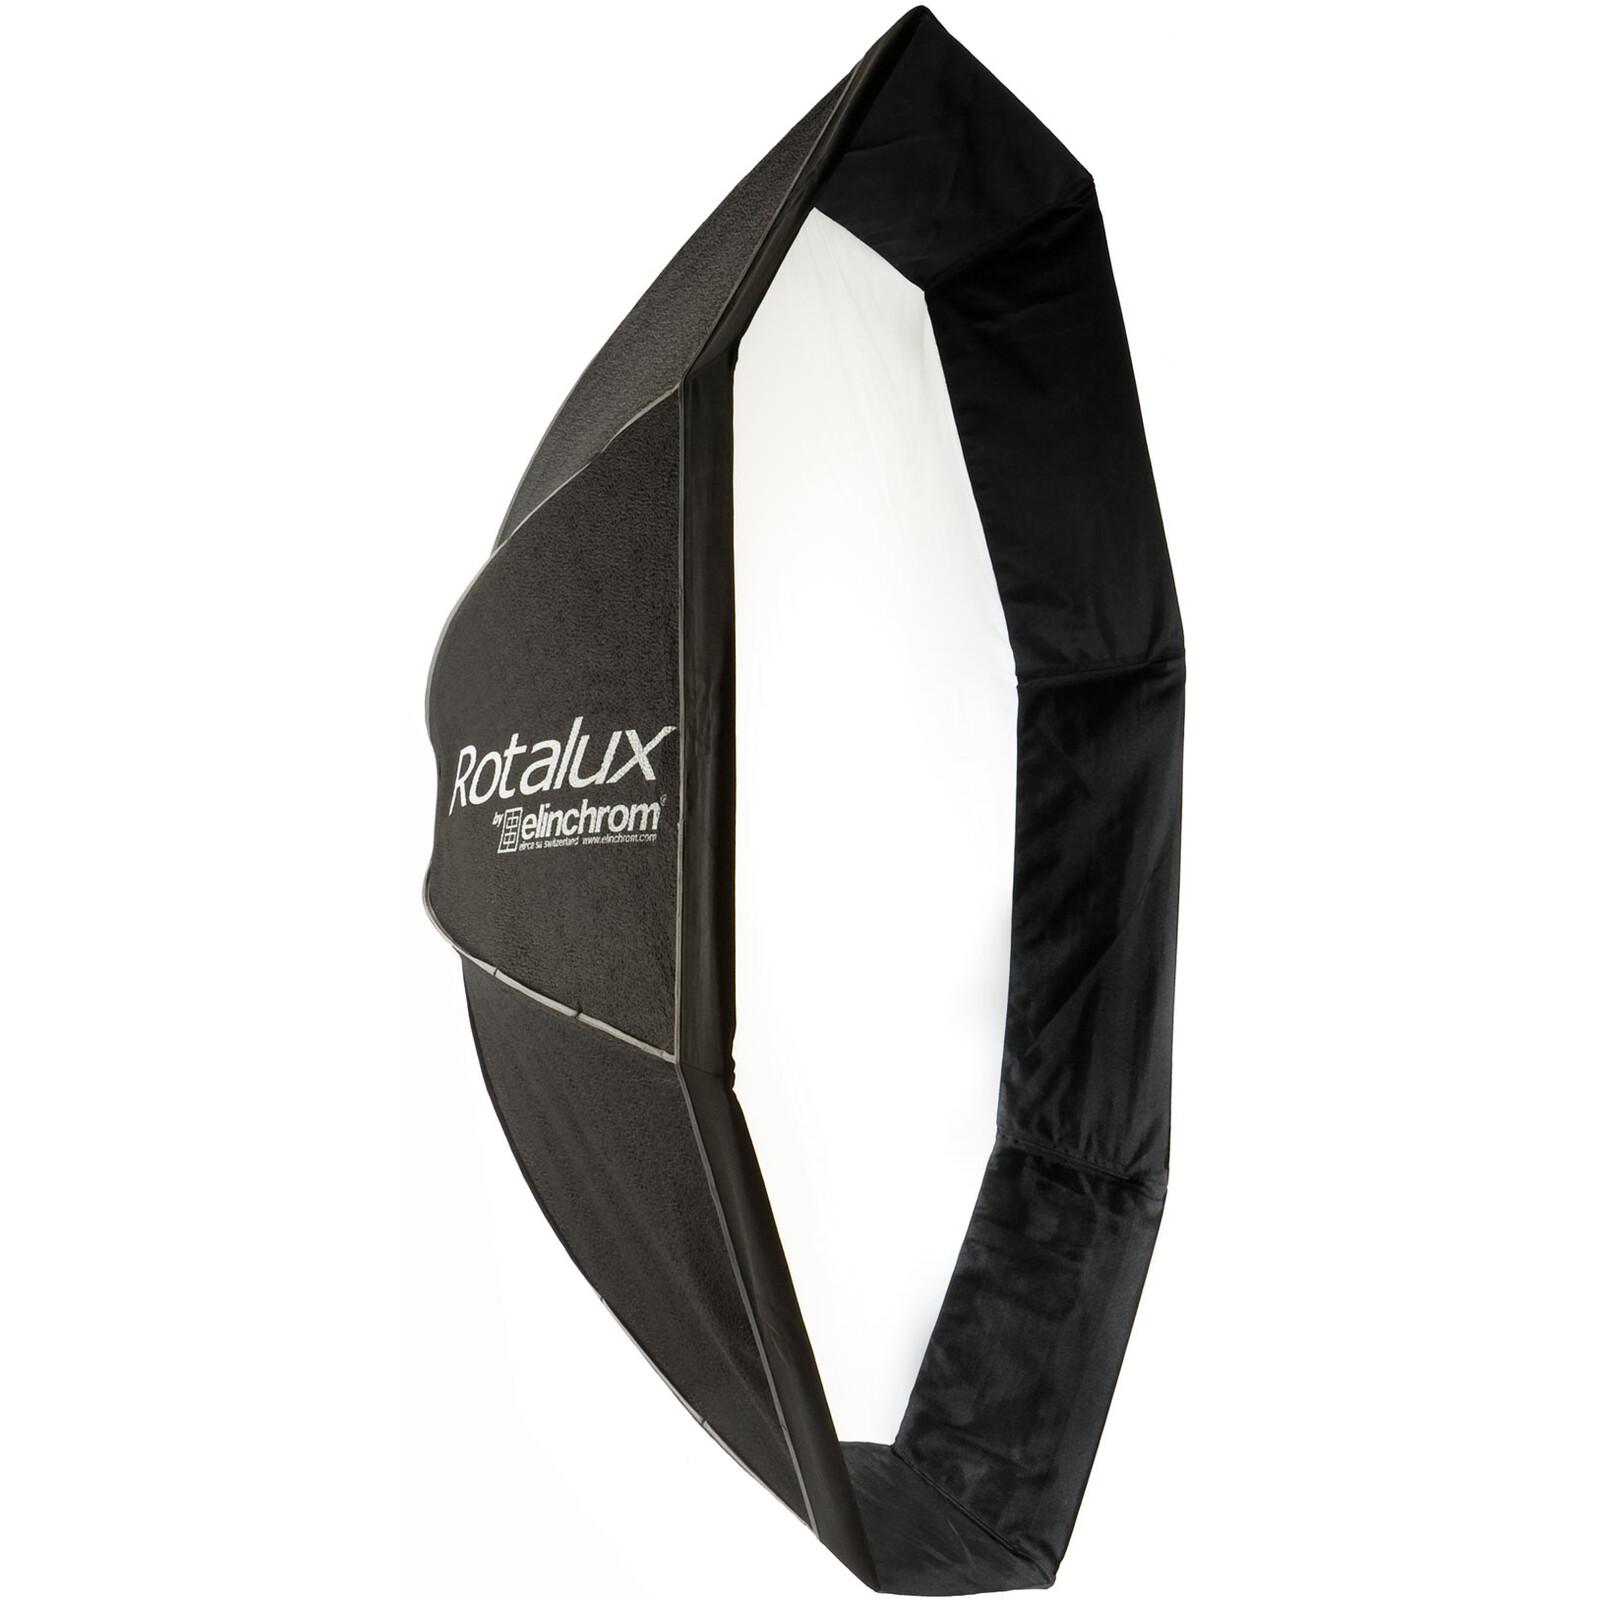 Elinchrom Rotalux Octa-Softbox 135cm